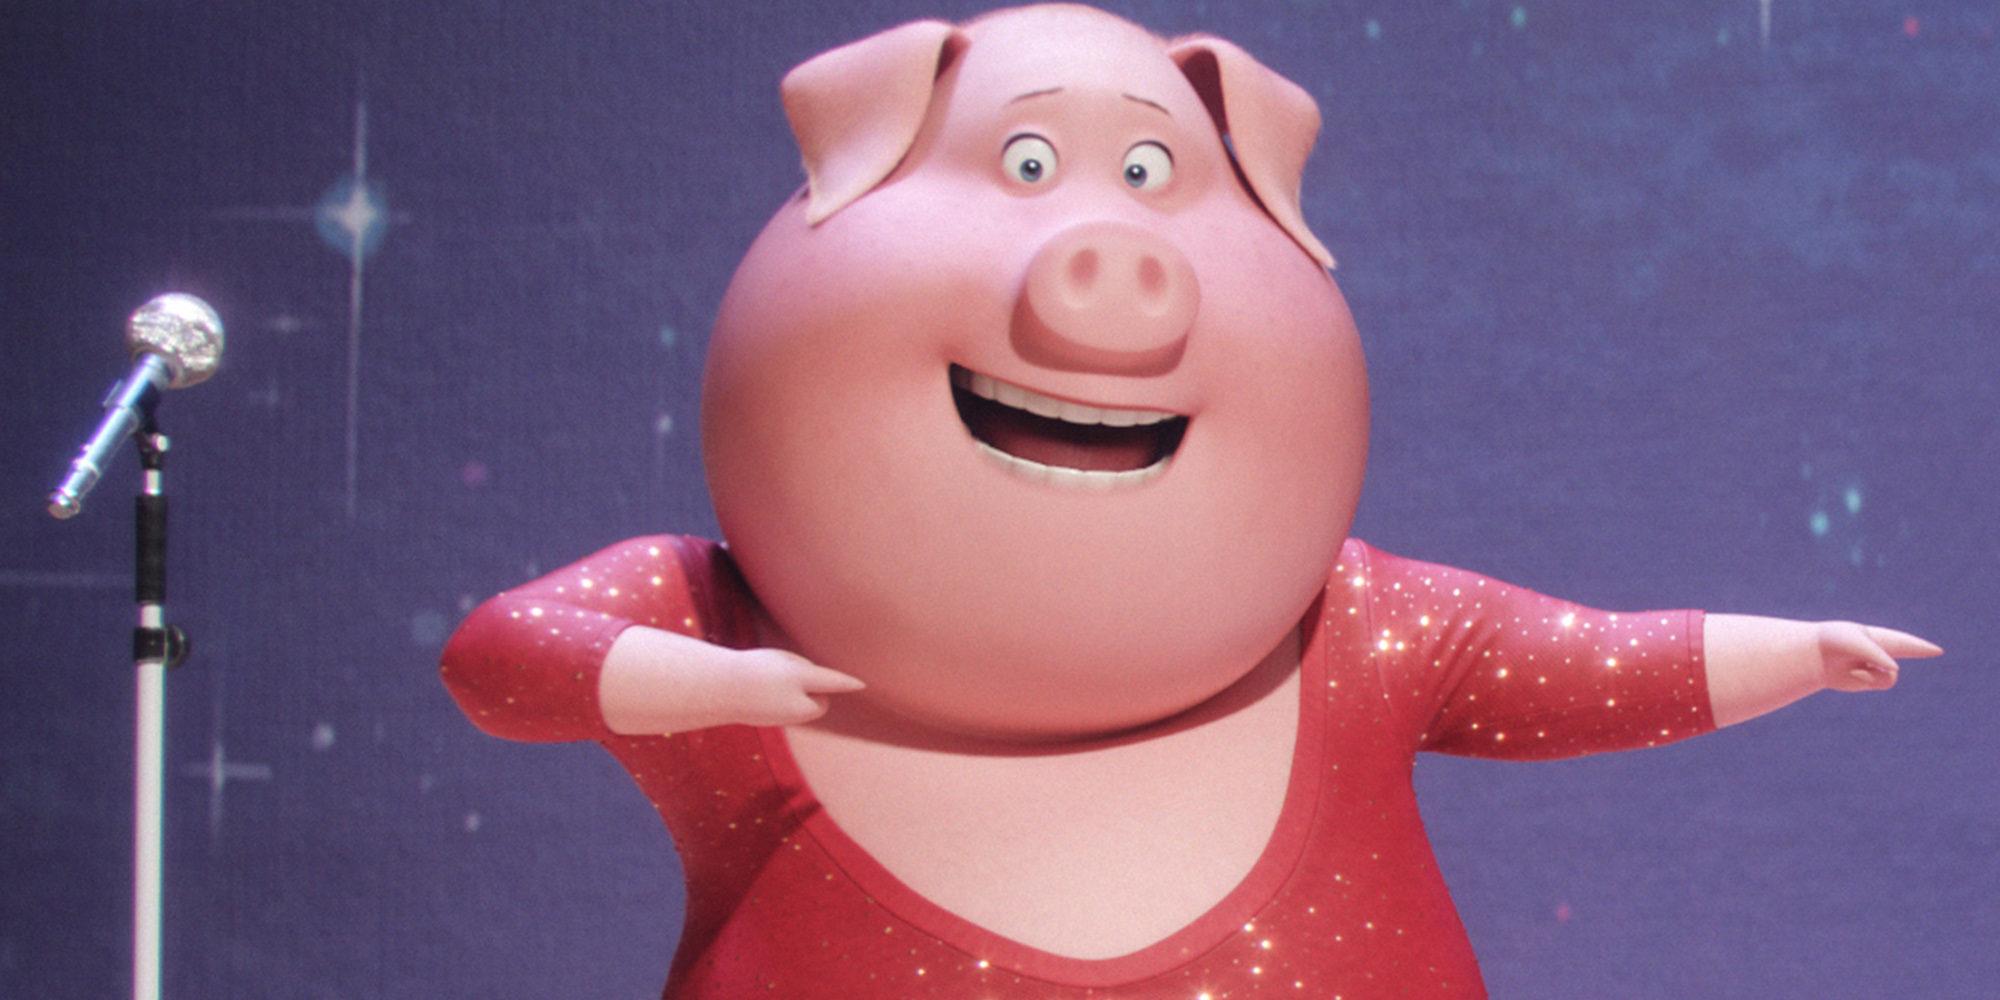 '¡Canta!' lidera los estrenos en cine previos a Nochebuena y Navidad